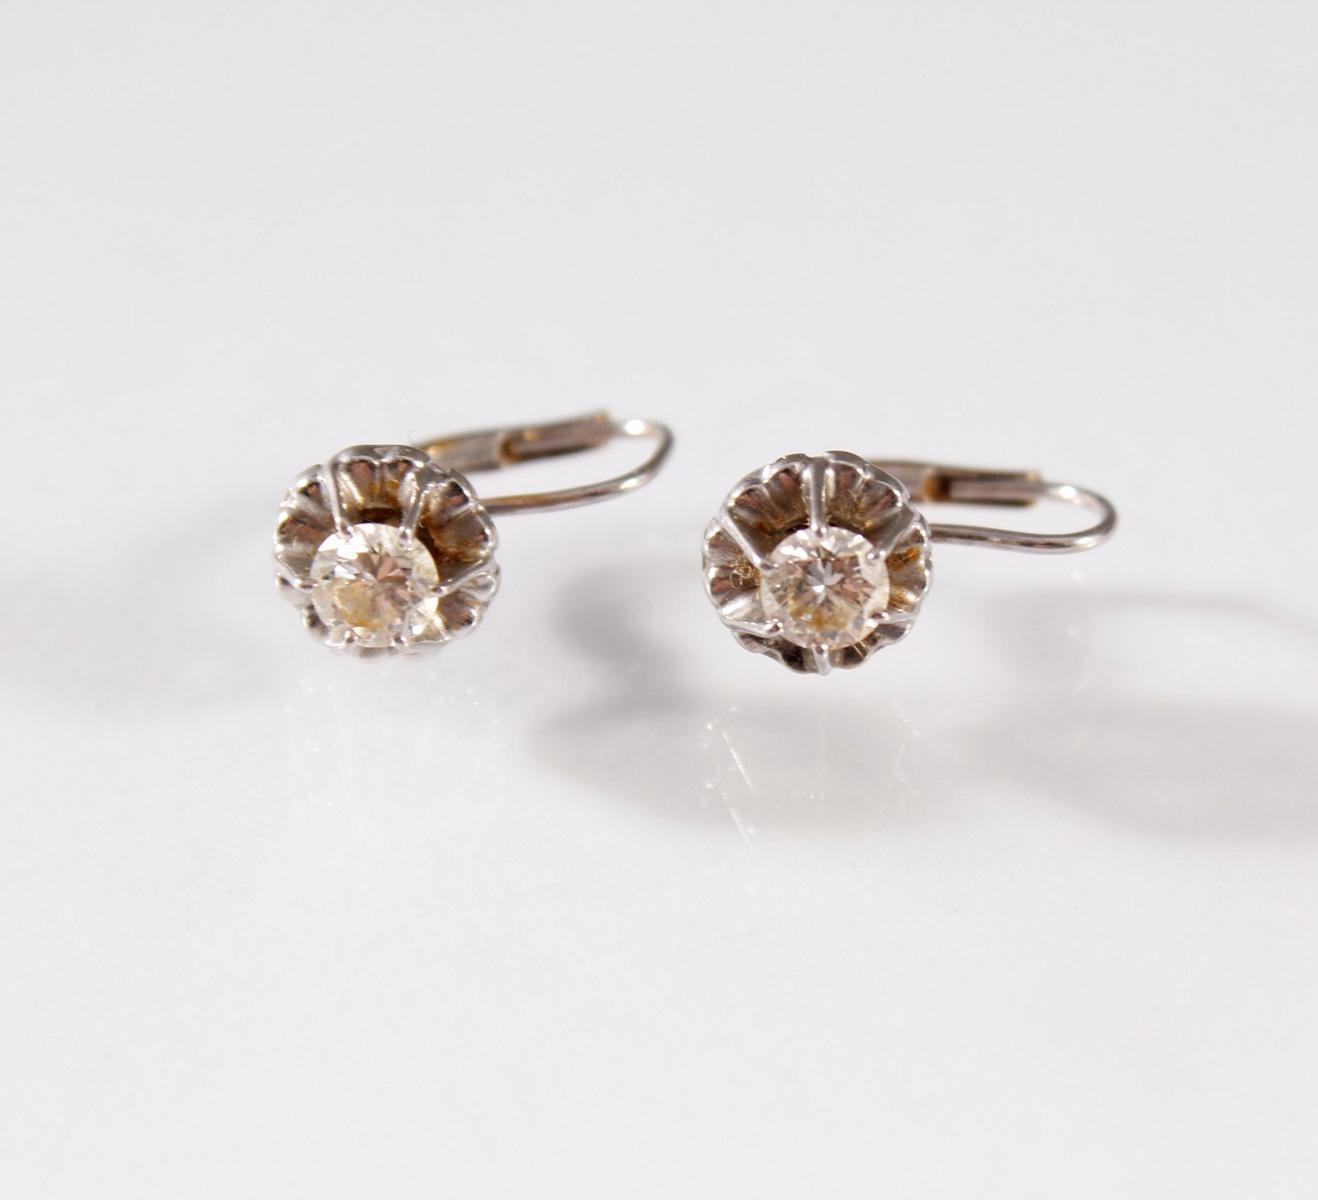 Paar Weißgold-Ohrringe mit Diamanten, 18 Karat